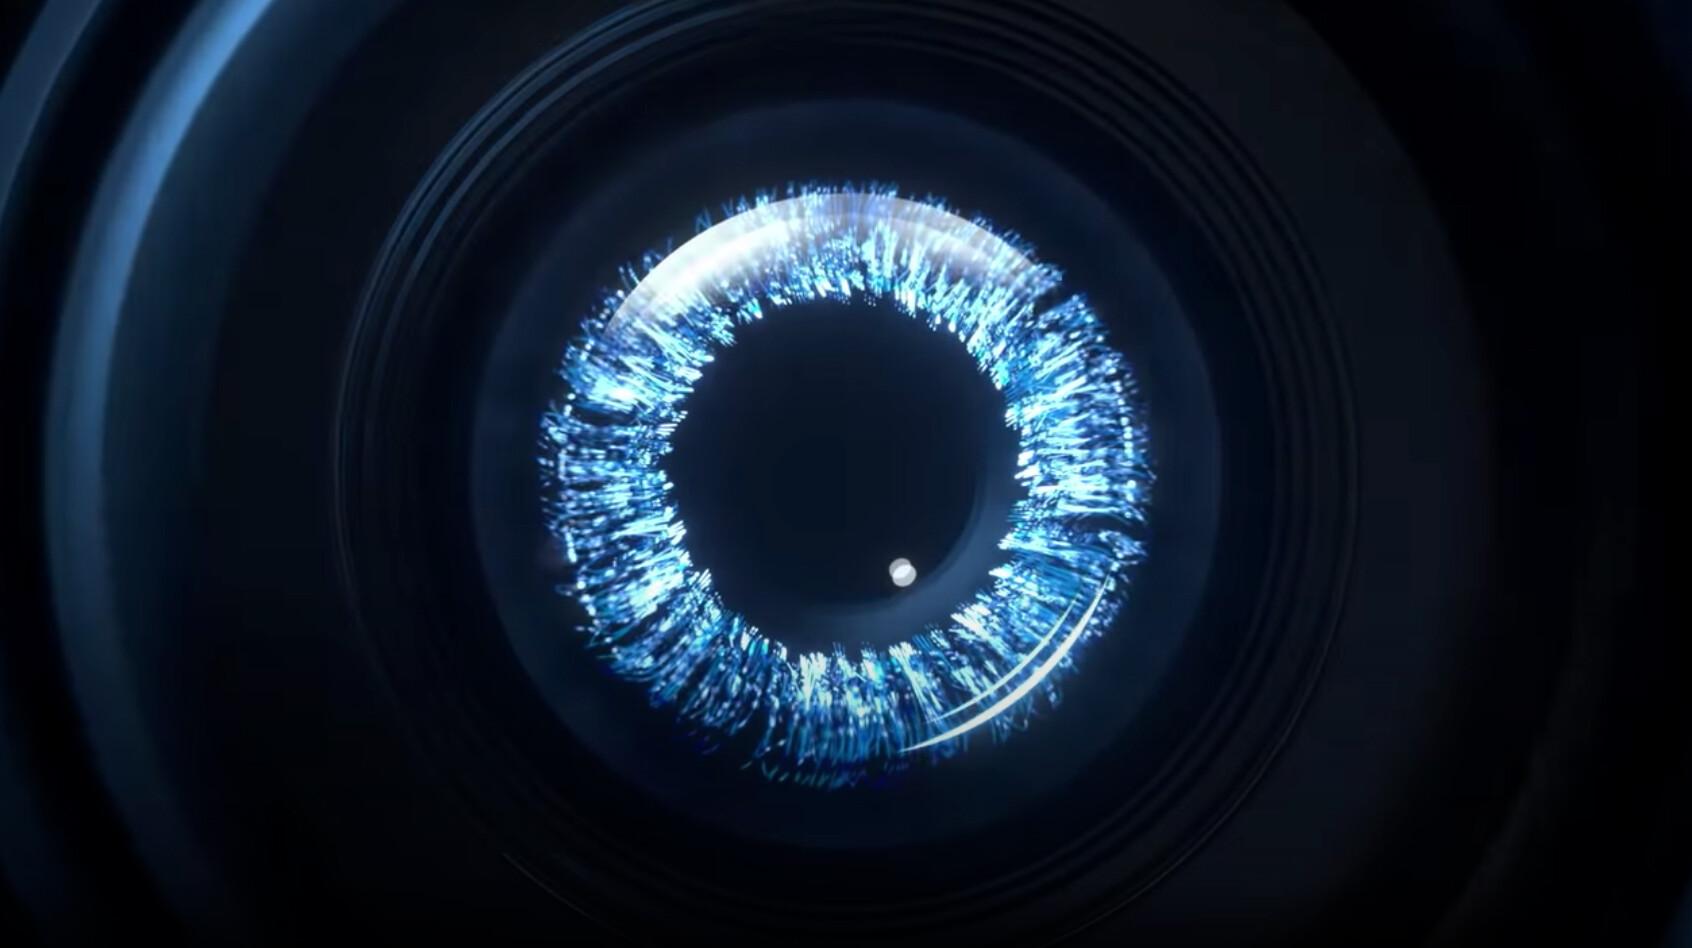 Hany megapixeles a szem? ( kérdés)